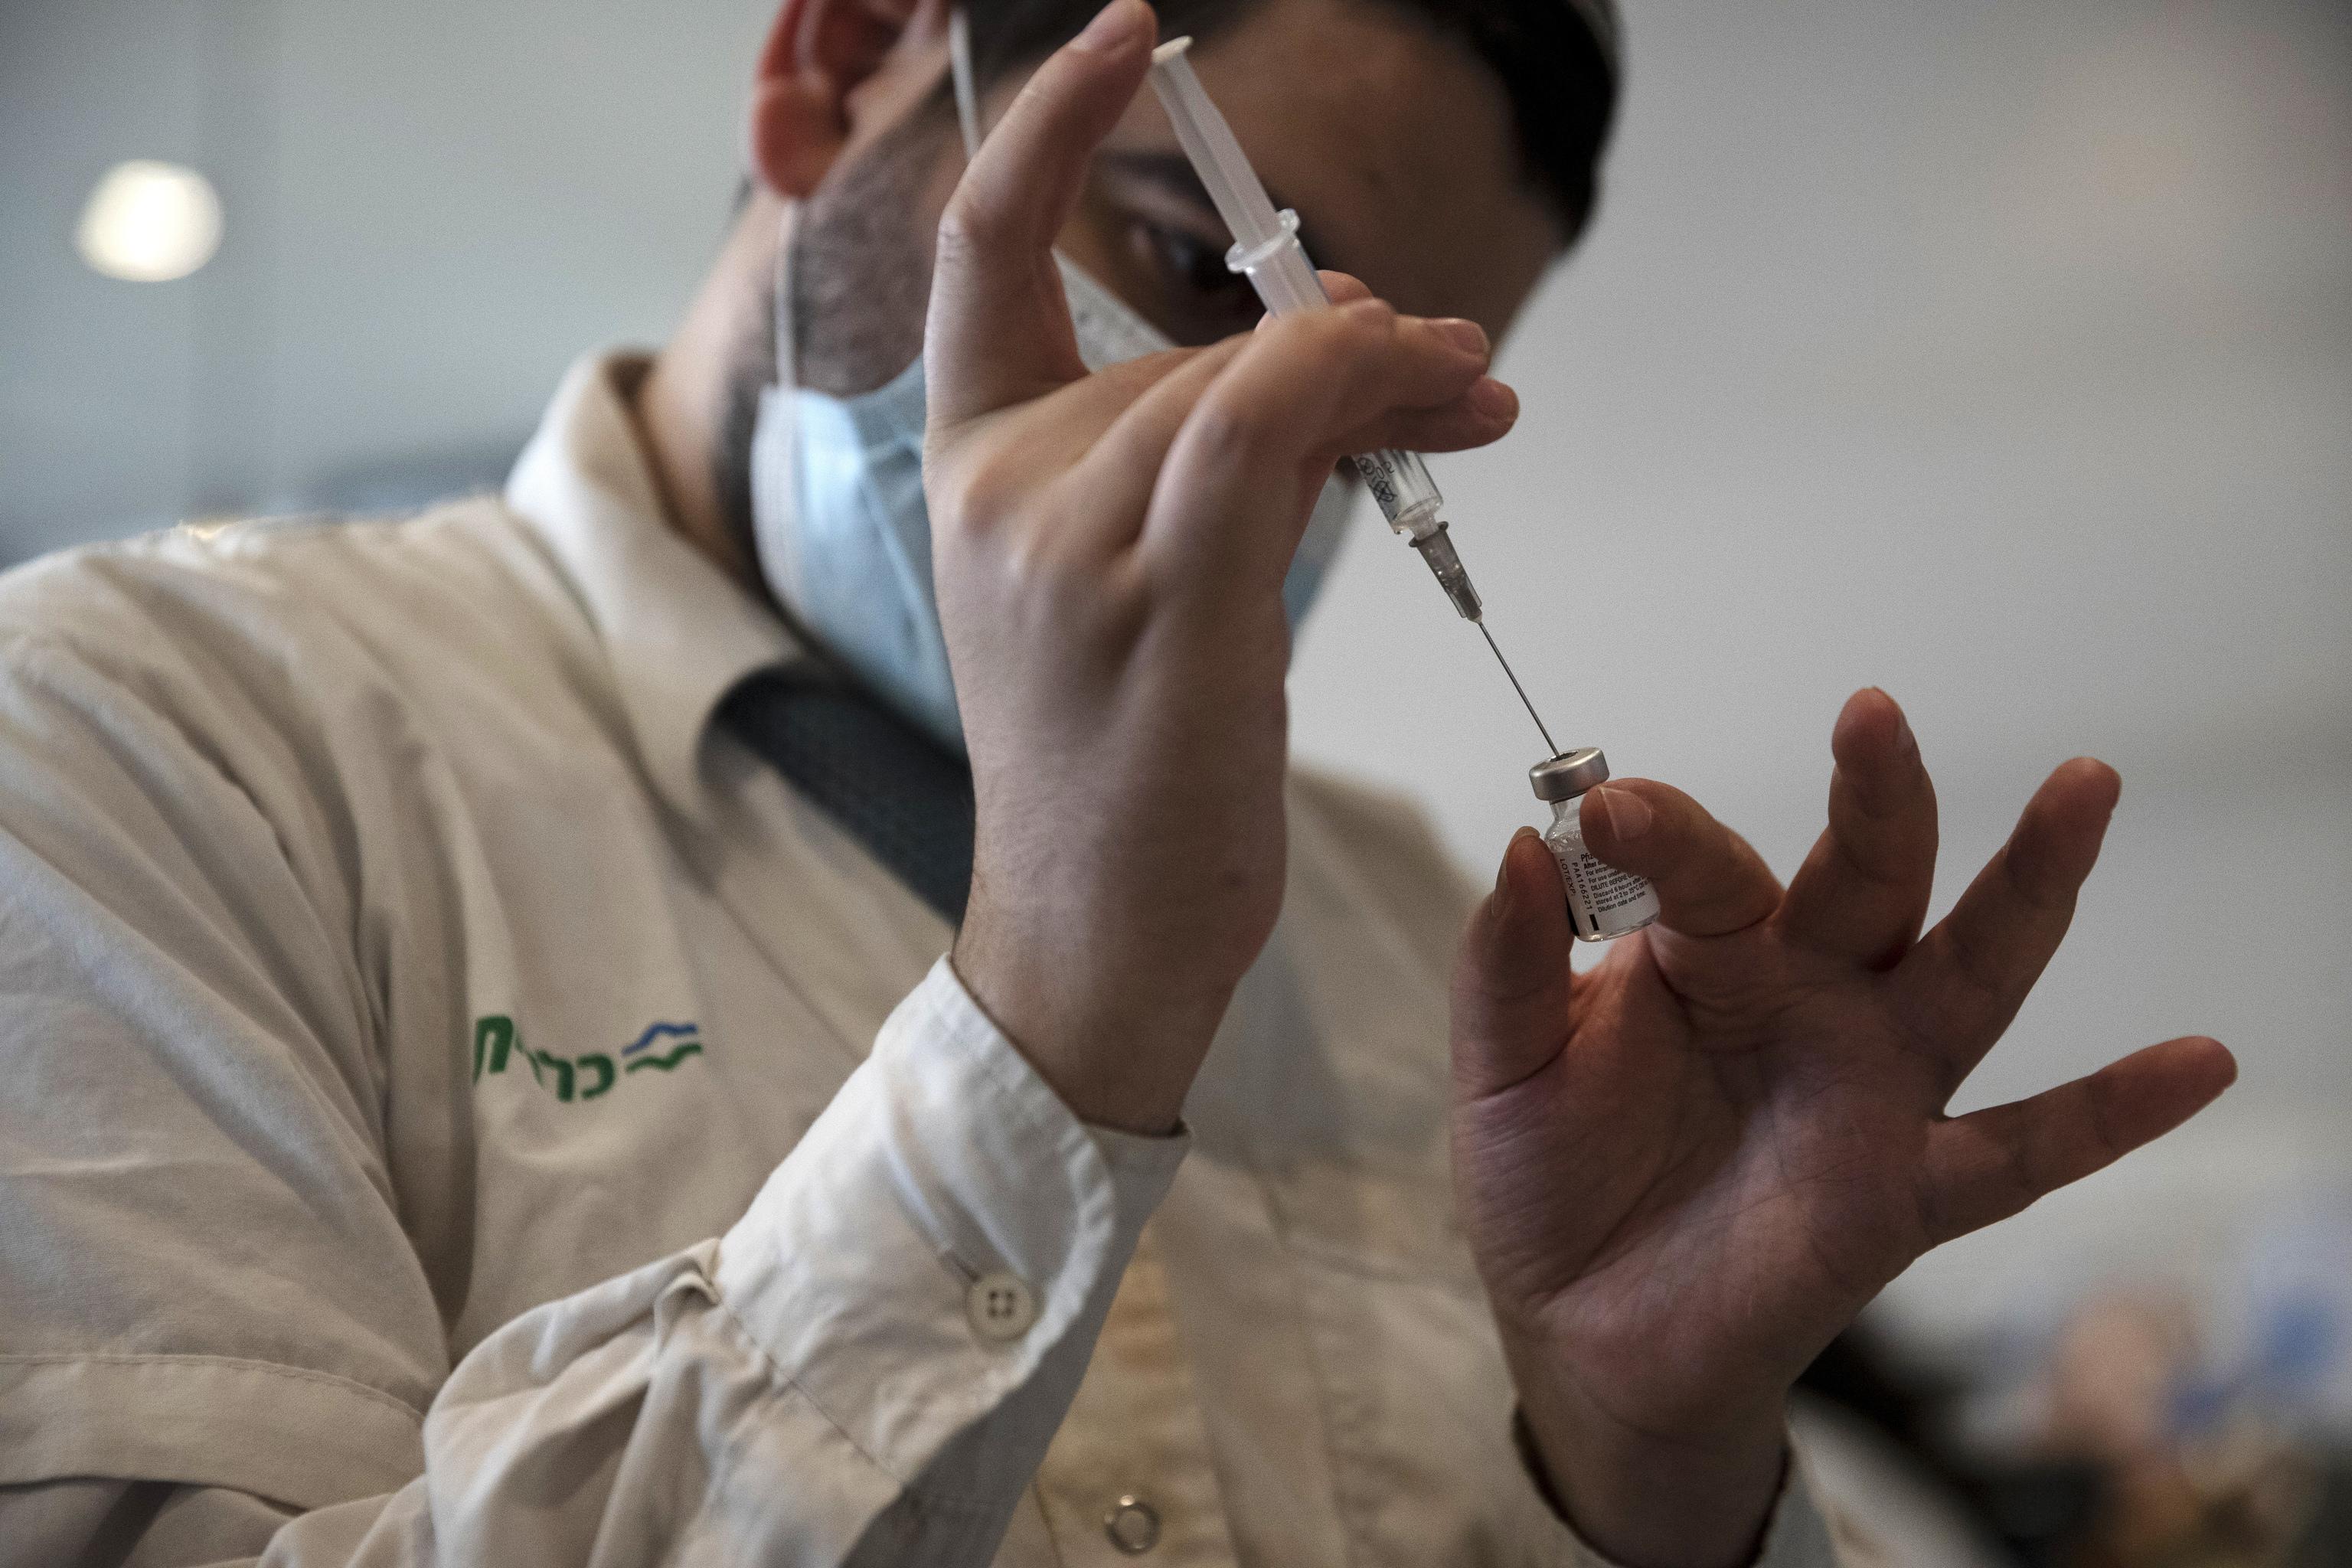 Un médico prepara un vial de Pfizer.